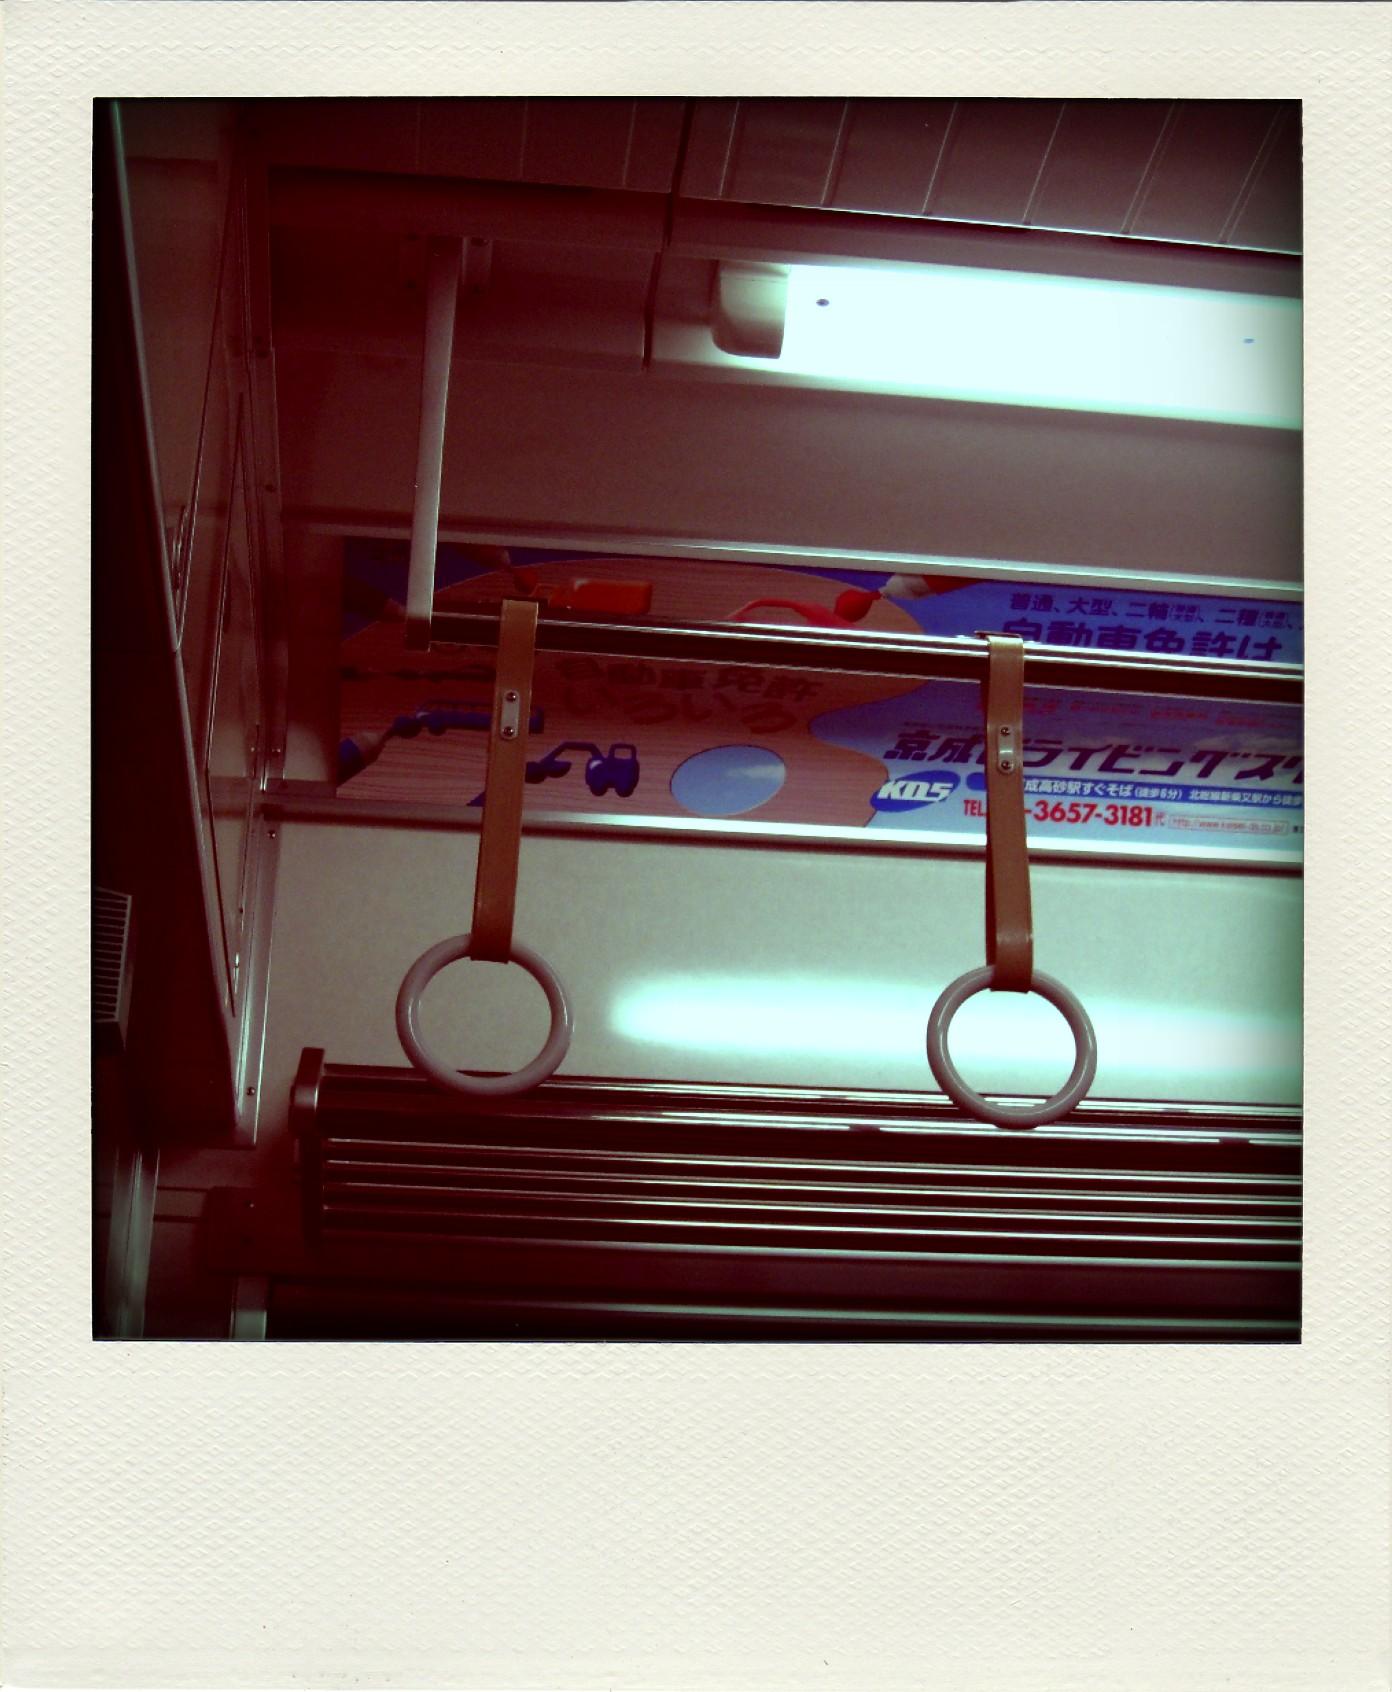 【散撮】電車の中で_f0141609_18243892.jpg